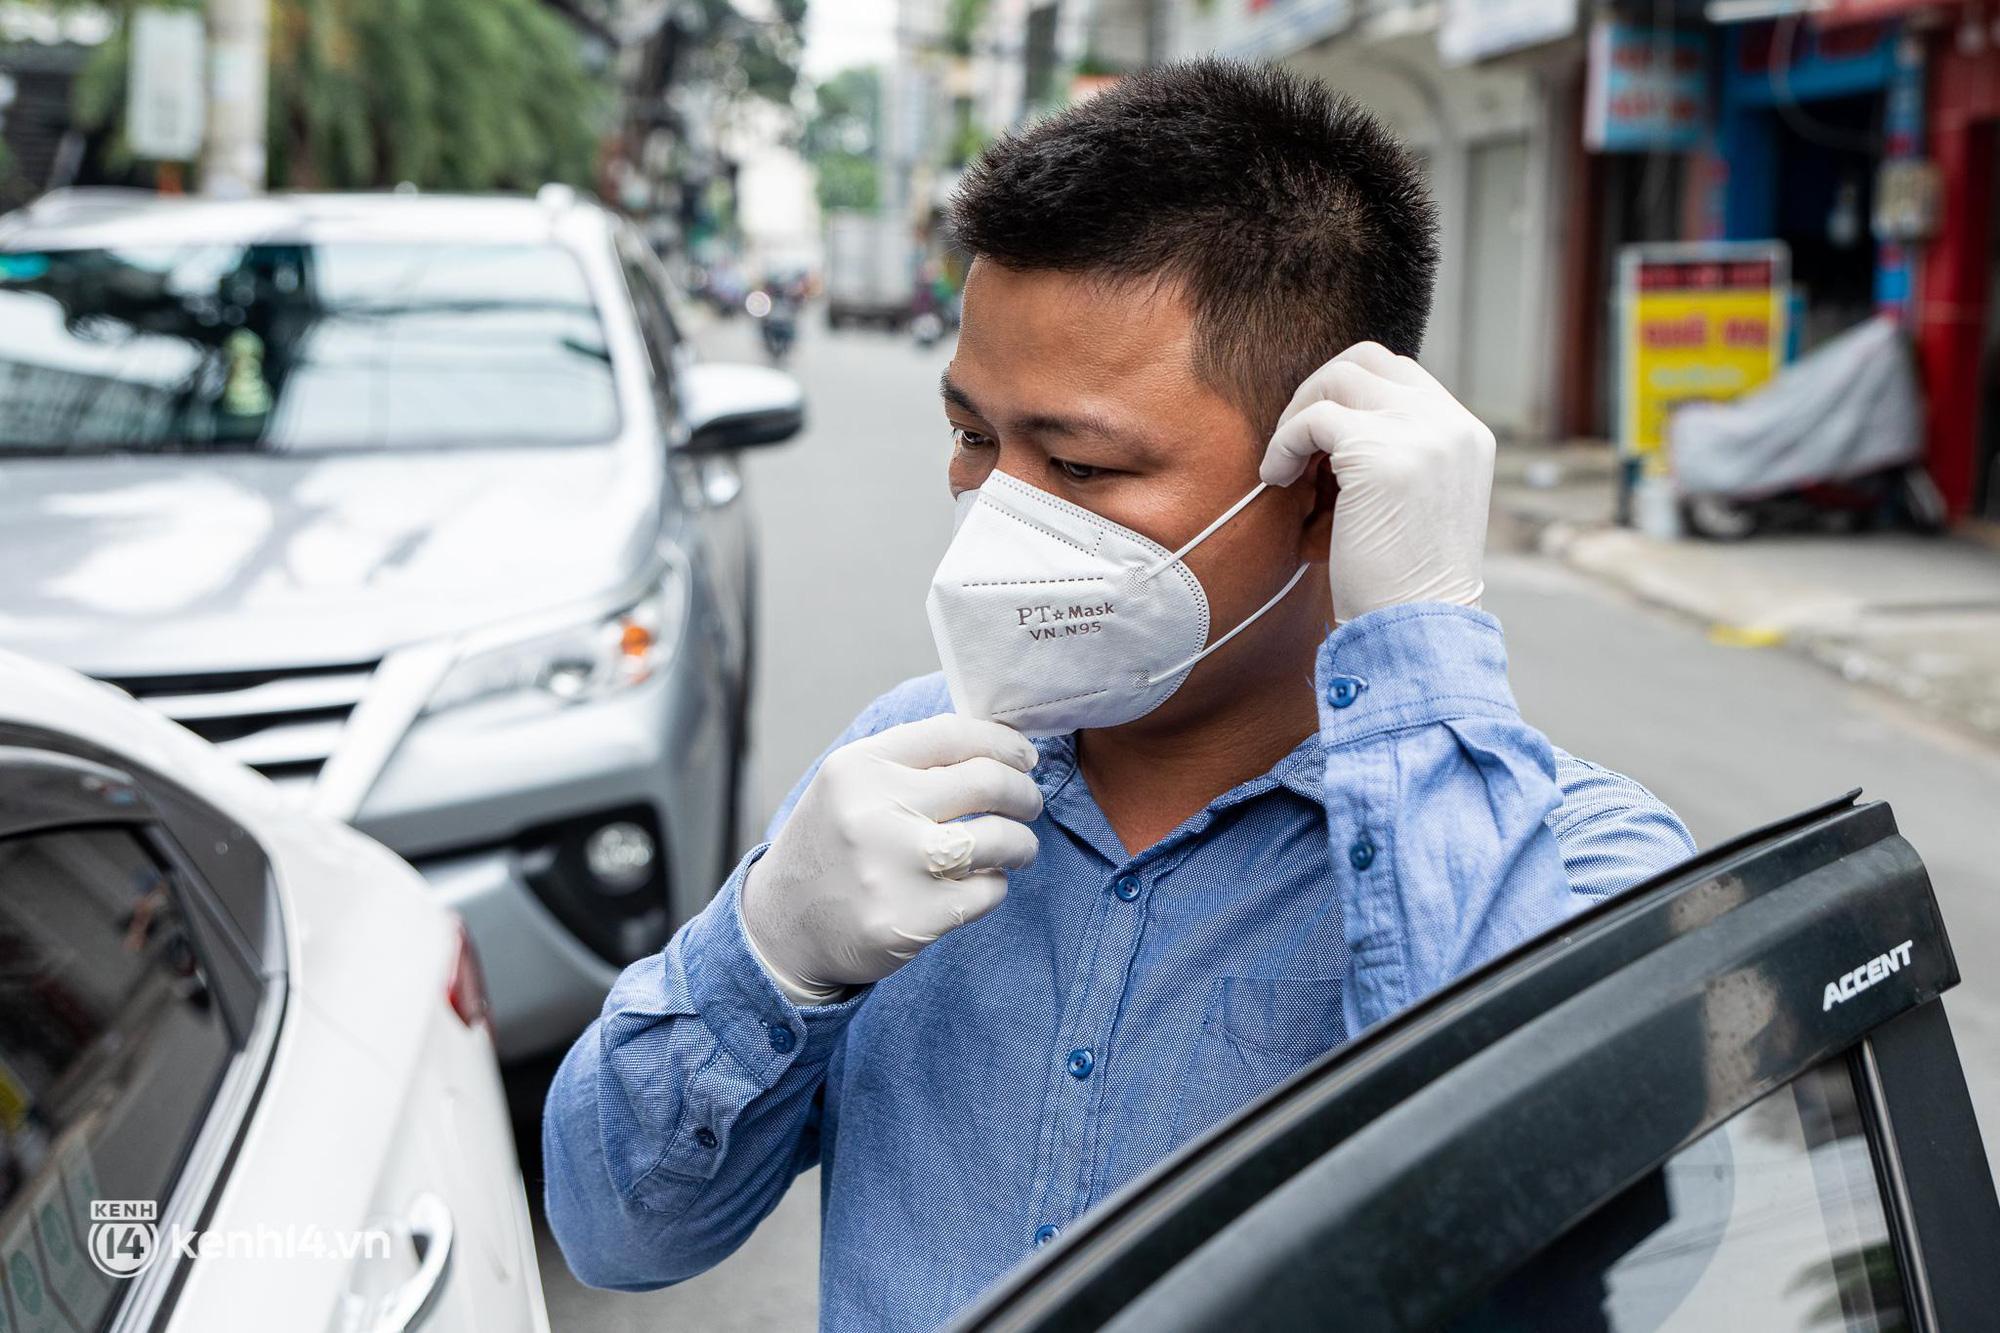 Sài Gòn nới lỏng giãn cách xã hội, bác tài phấn khởi ngày hoạt động trở lại với dịch vụ GrabCar Protect - Ảnh 6.